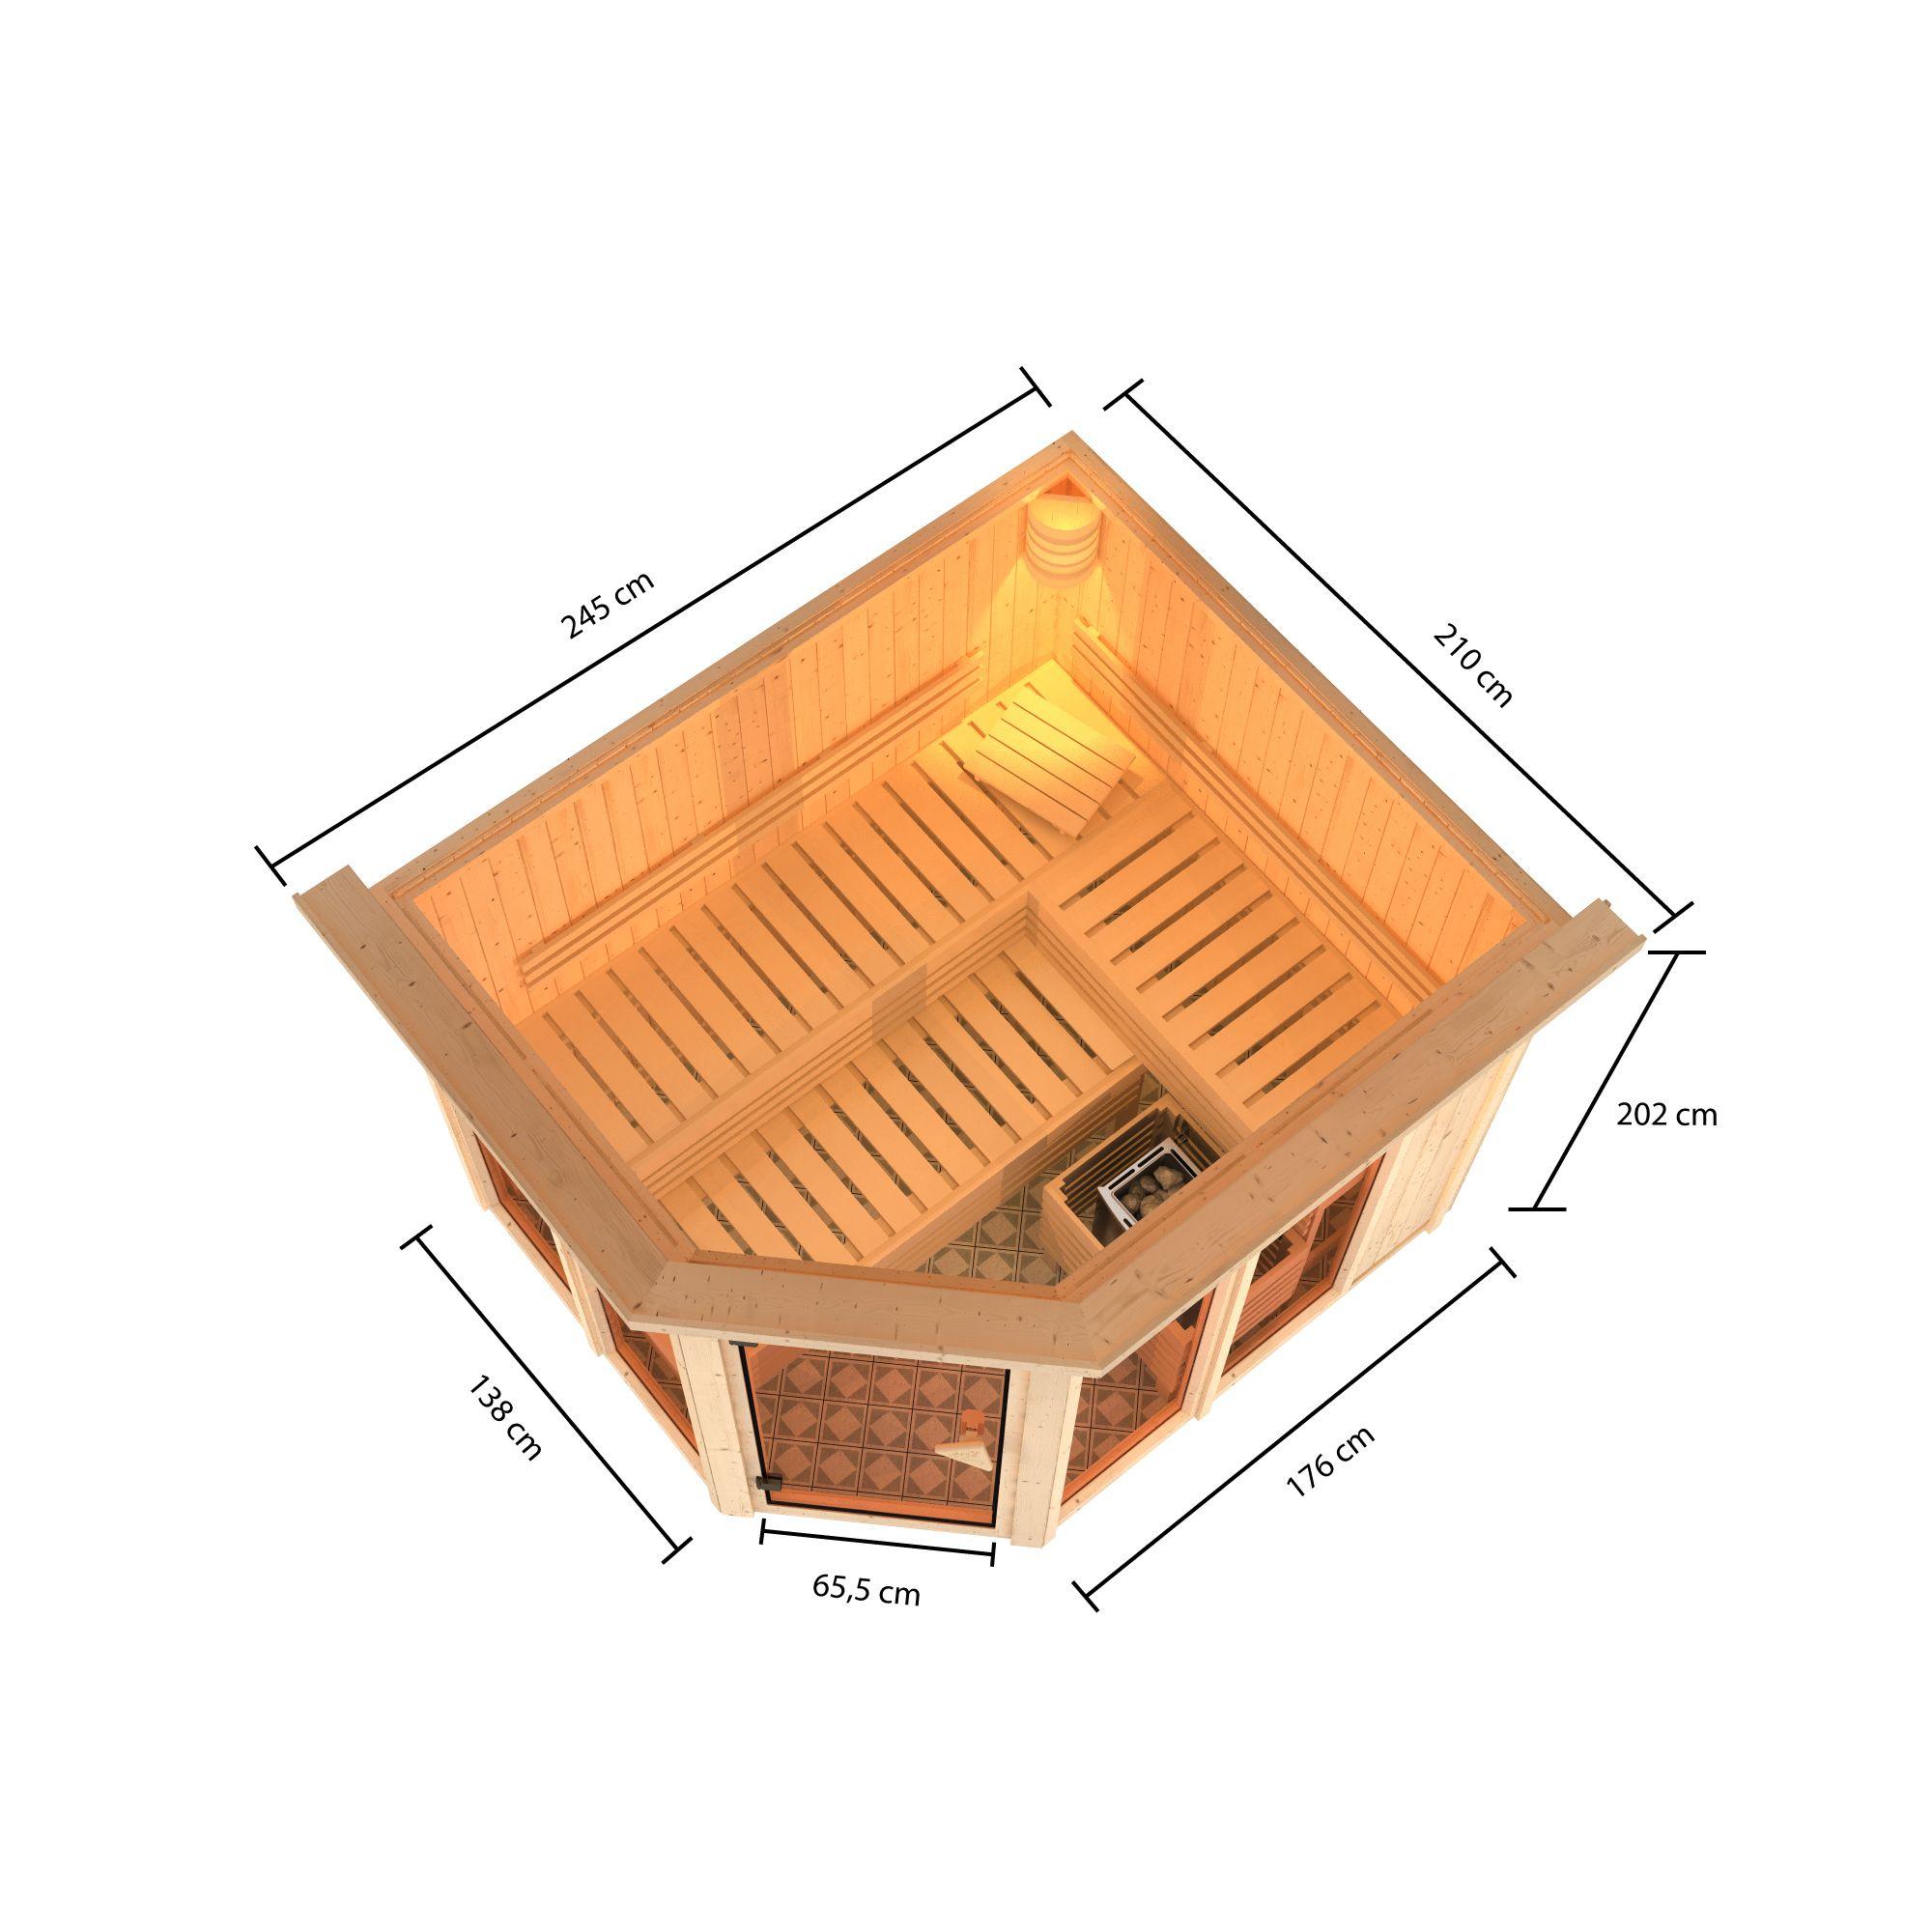 Karibu Sauna Ainur 68mm Superior Kranz Bio Saunaofen 9kW extern Bild 5